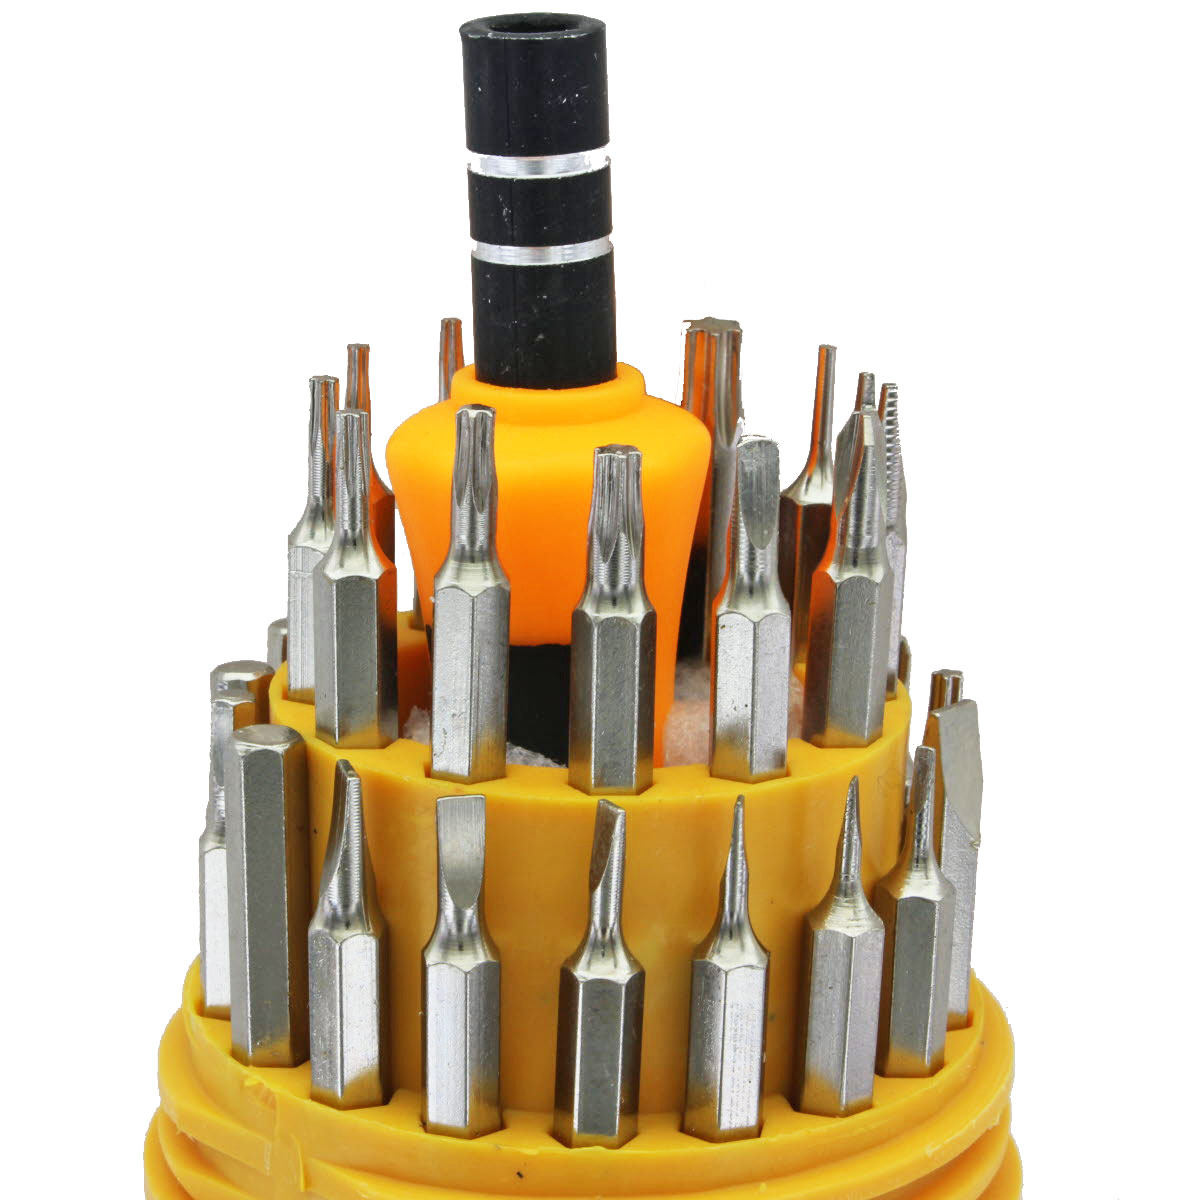 Kabelverschraubung M16 Mat Messing 2517 Stopfbuchsen IP68